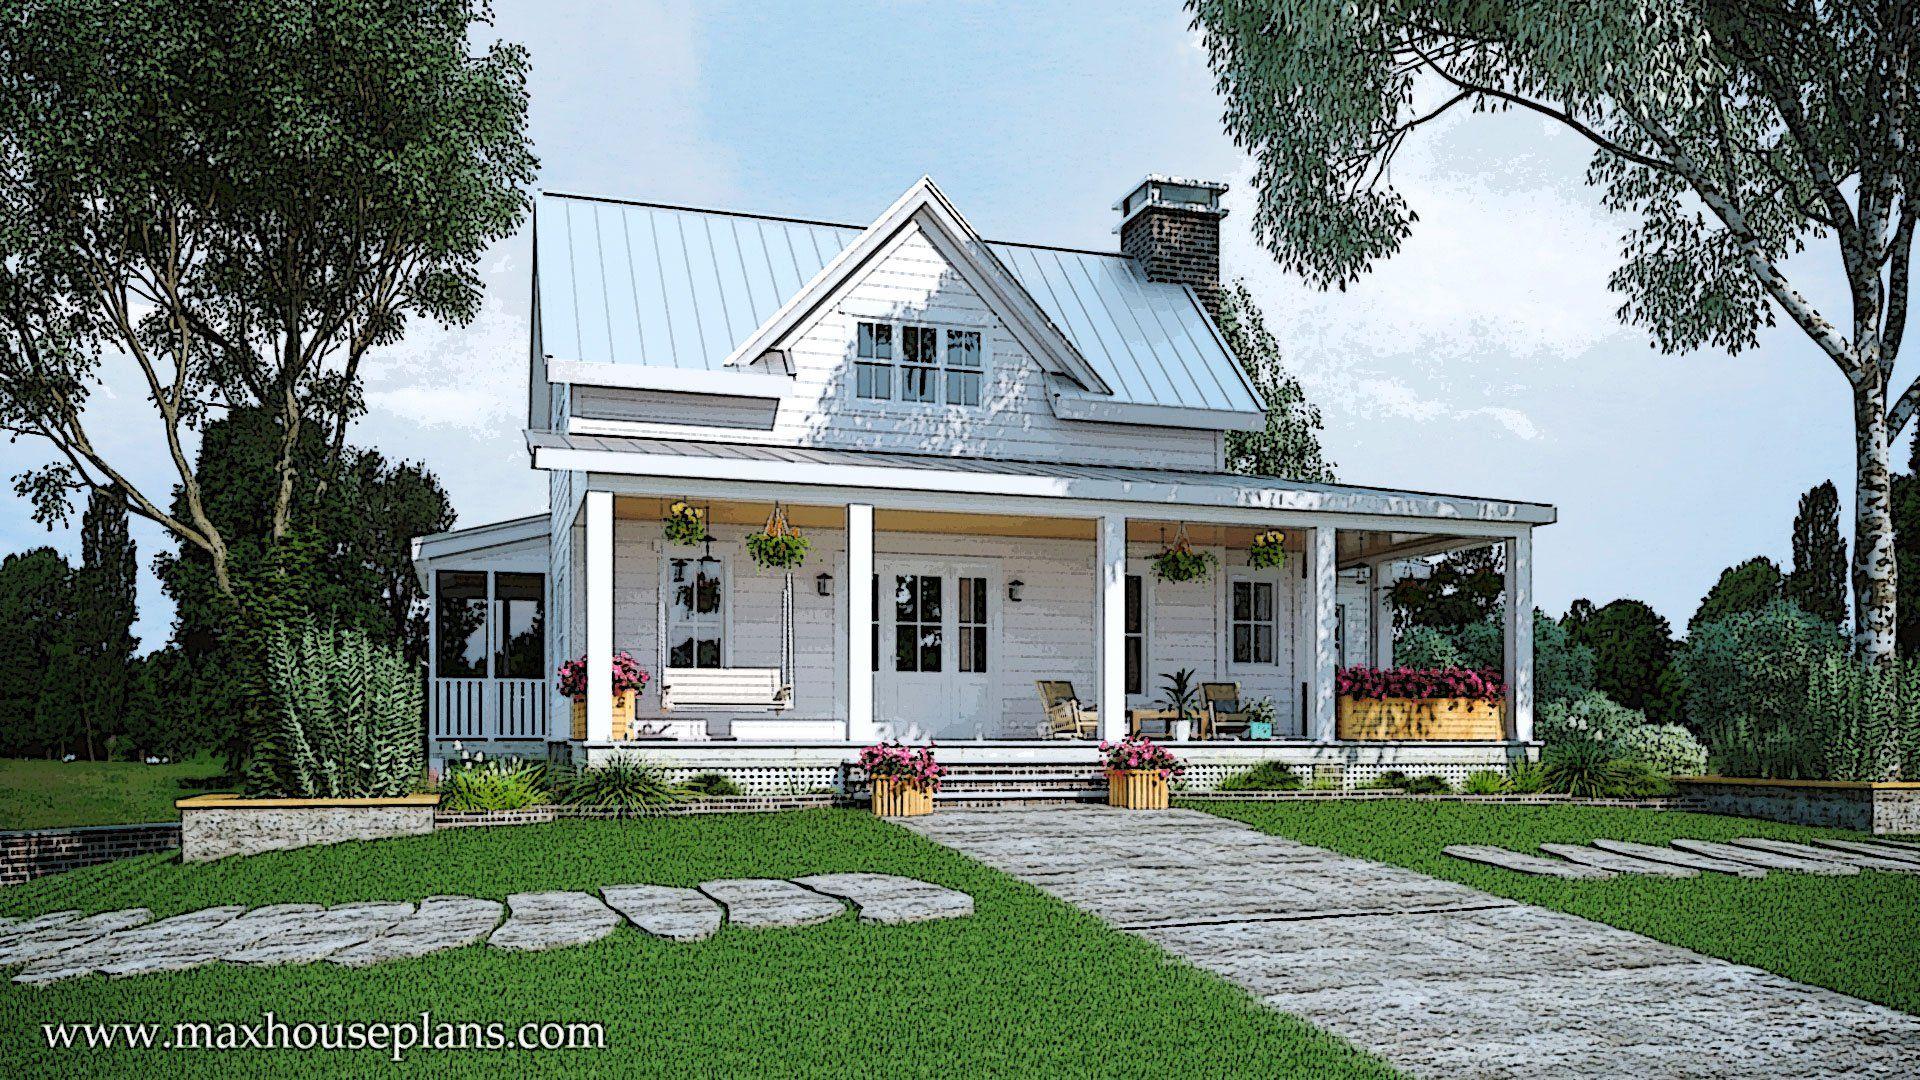 Modern farmhouse floor plan with wraparound porch max